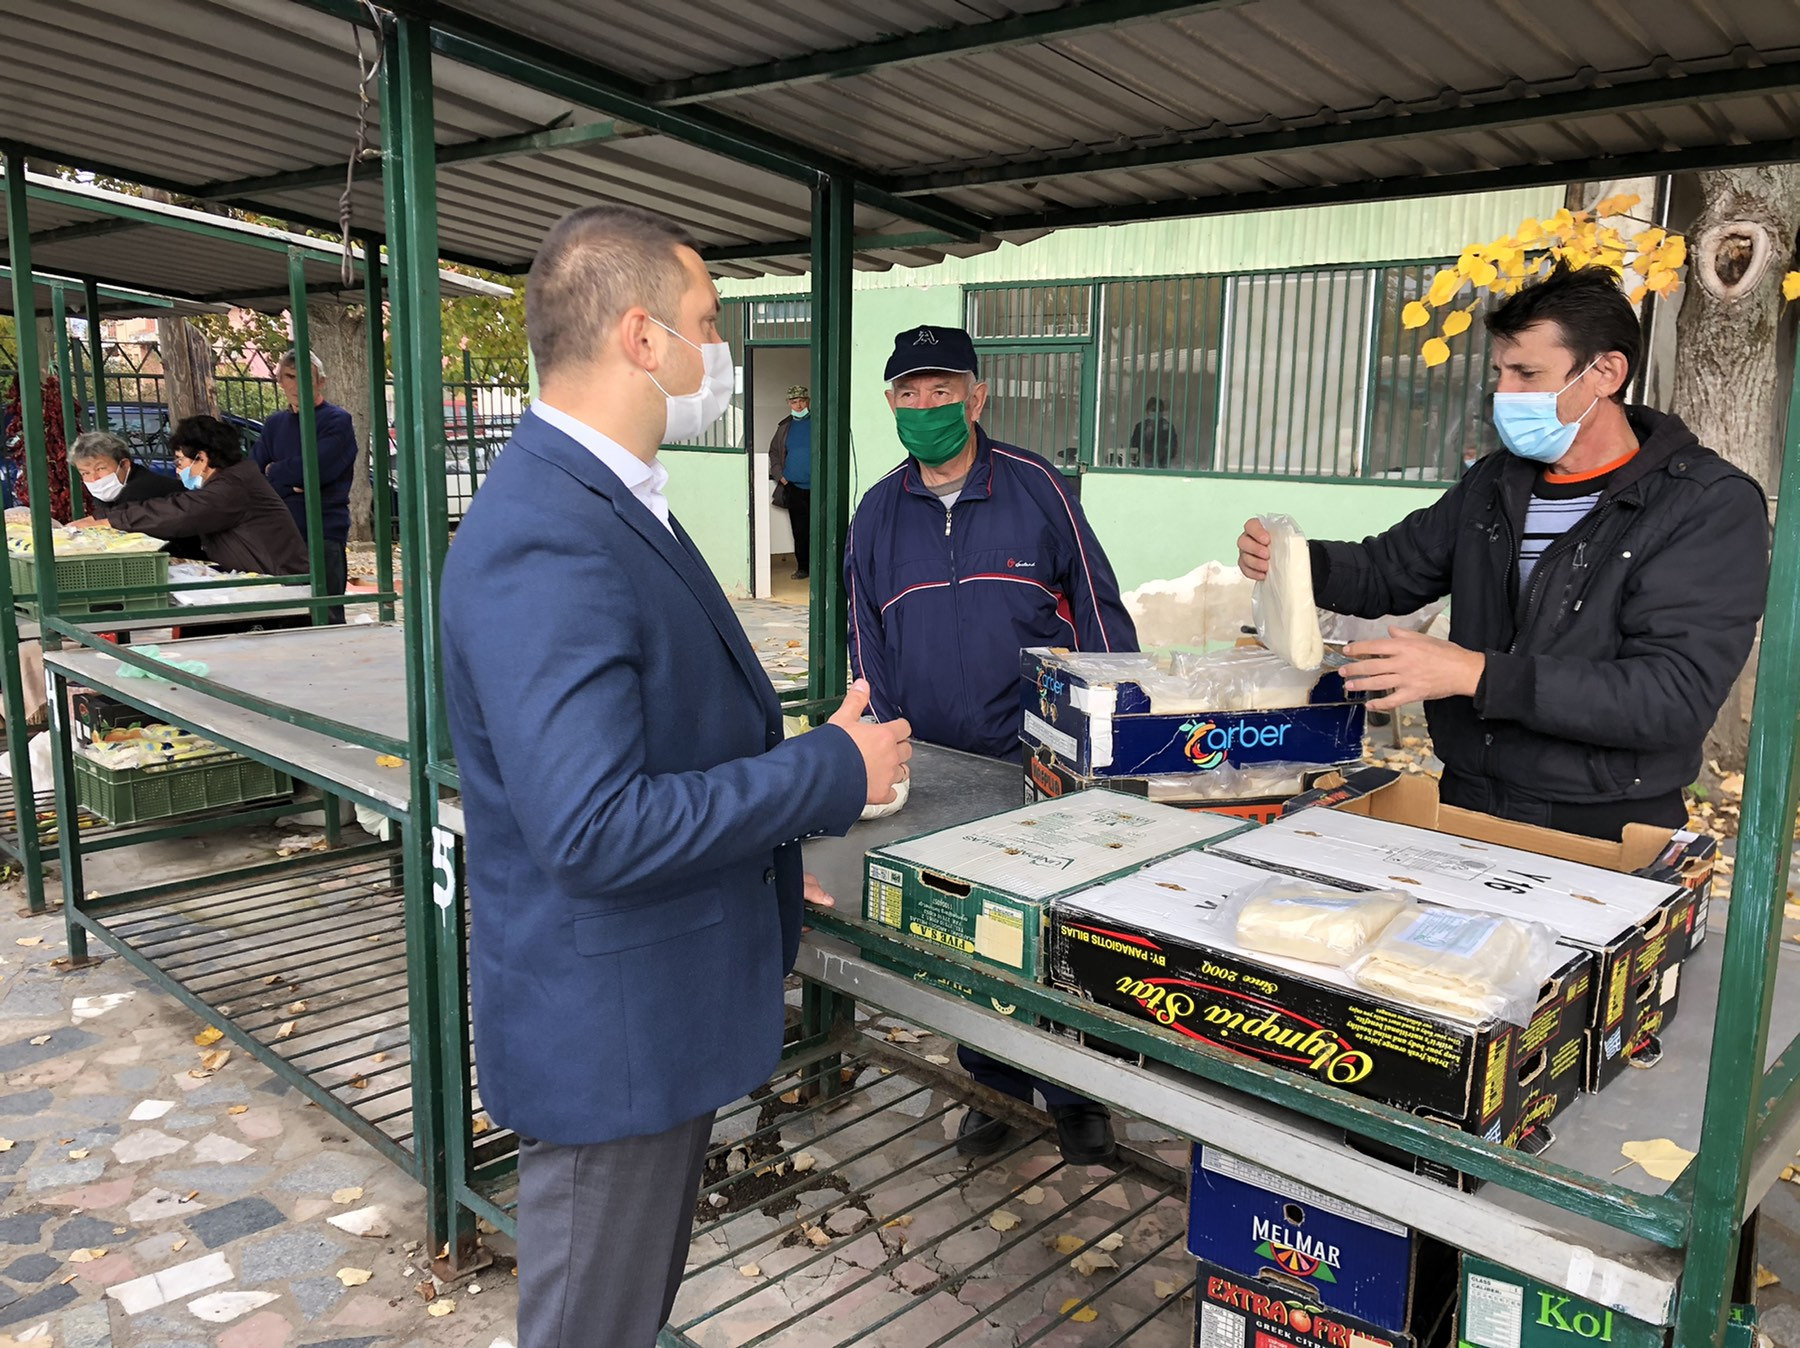 Општинско руководство у Сврљигу обилази зелену пијацу и даје препоруке грађанима